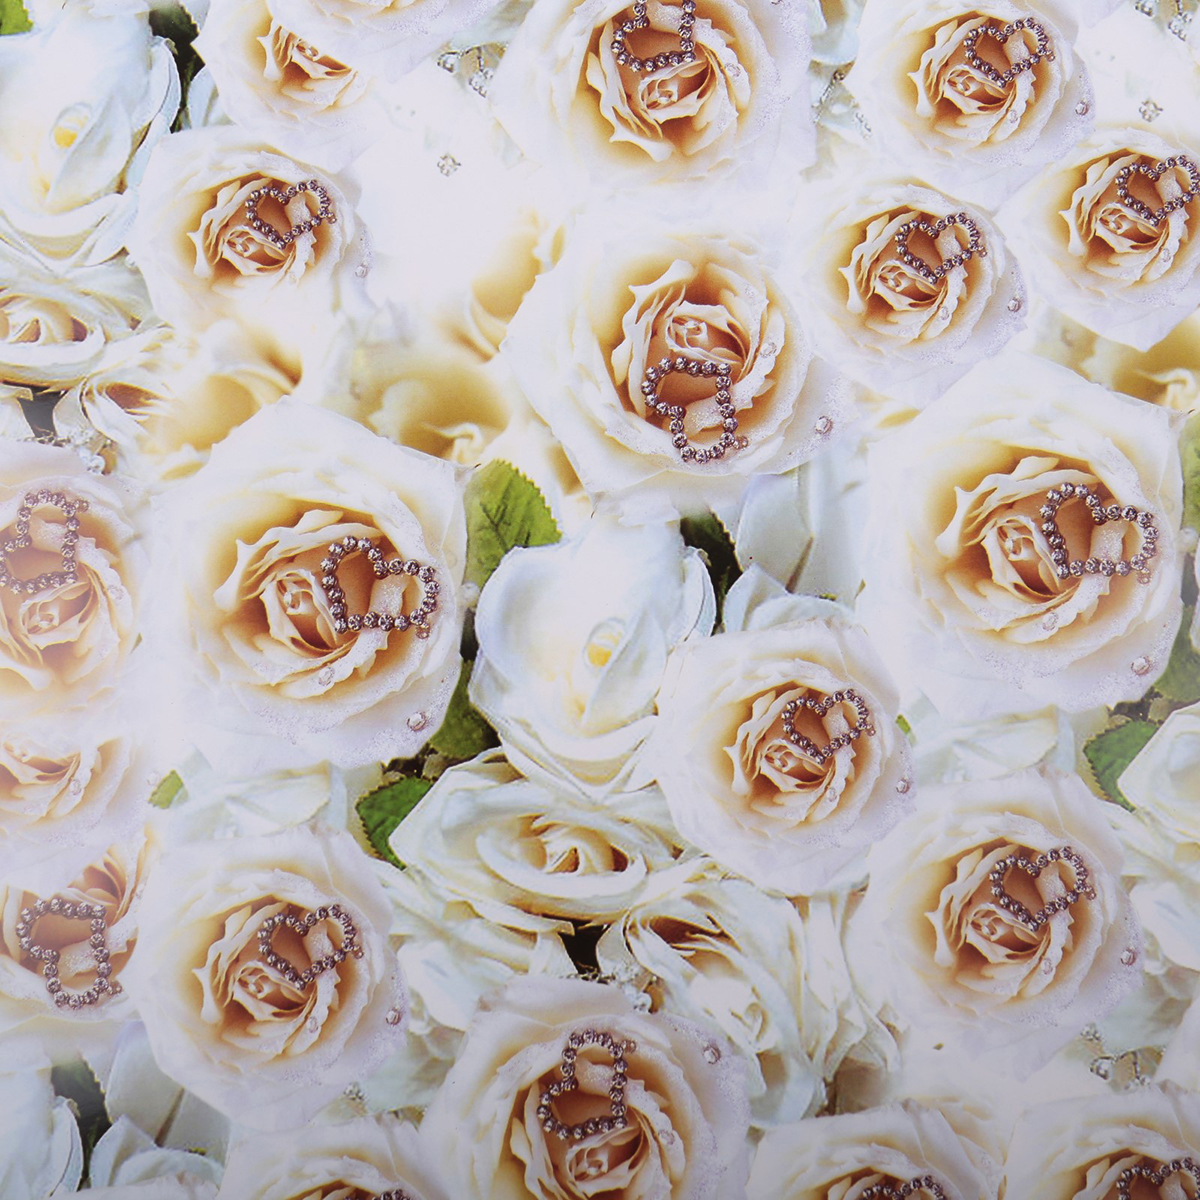 Бумага упаковочная Белые розы с сердцем, 70 х 100 см. 820791820791Бумага упаковочная Белые розы с сердцем, 70 х 100 см - один из универсальных и красивейших материалов для декорирования и упаковки цветов и подарков. Она подходит как для самостоятельного оформления подарочной композиции, так и для выведения отдельных элементов. Для вас представлена упаковочная бумага с рисунками на любой вкус: перья, сердца, цветная клетка, пышные розы или листочки. Такое разнообразие рисунков на бумаге сможет вдохновить к созданию композиции каждого человека, особенно когда цена на упаковку не превысит стоимости самого подарка. Специально для вашей выгоды мы предлагаем оптовые цены и удобный интерфейс интернет-магазина для комфортной покупки.